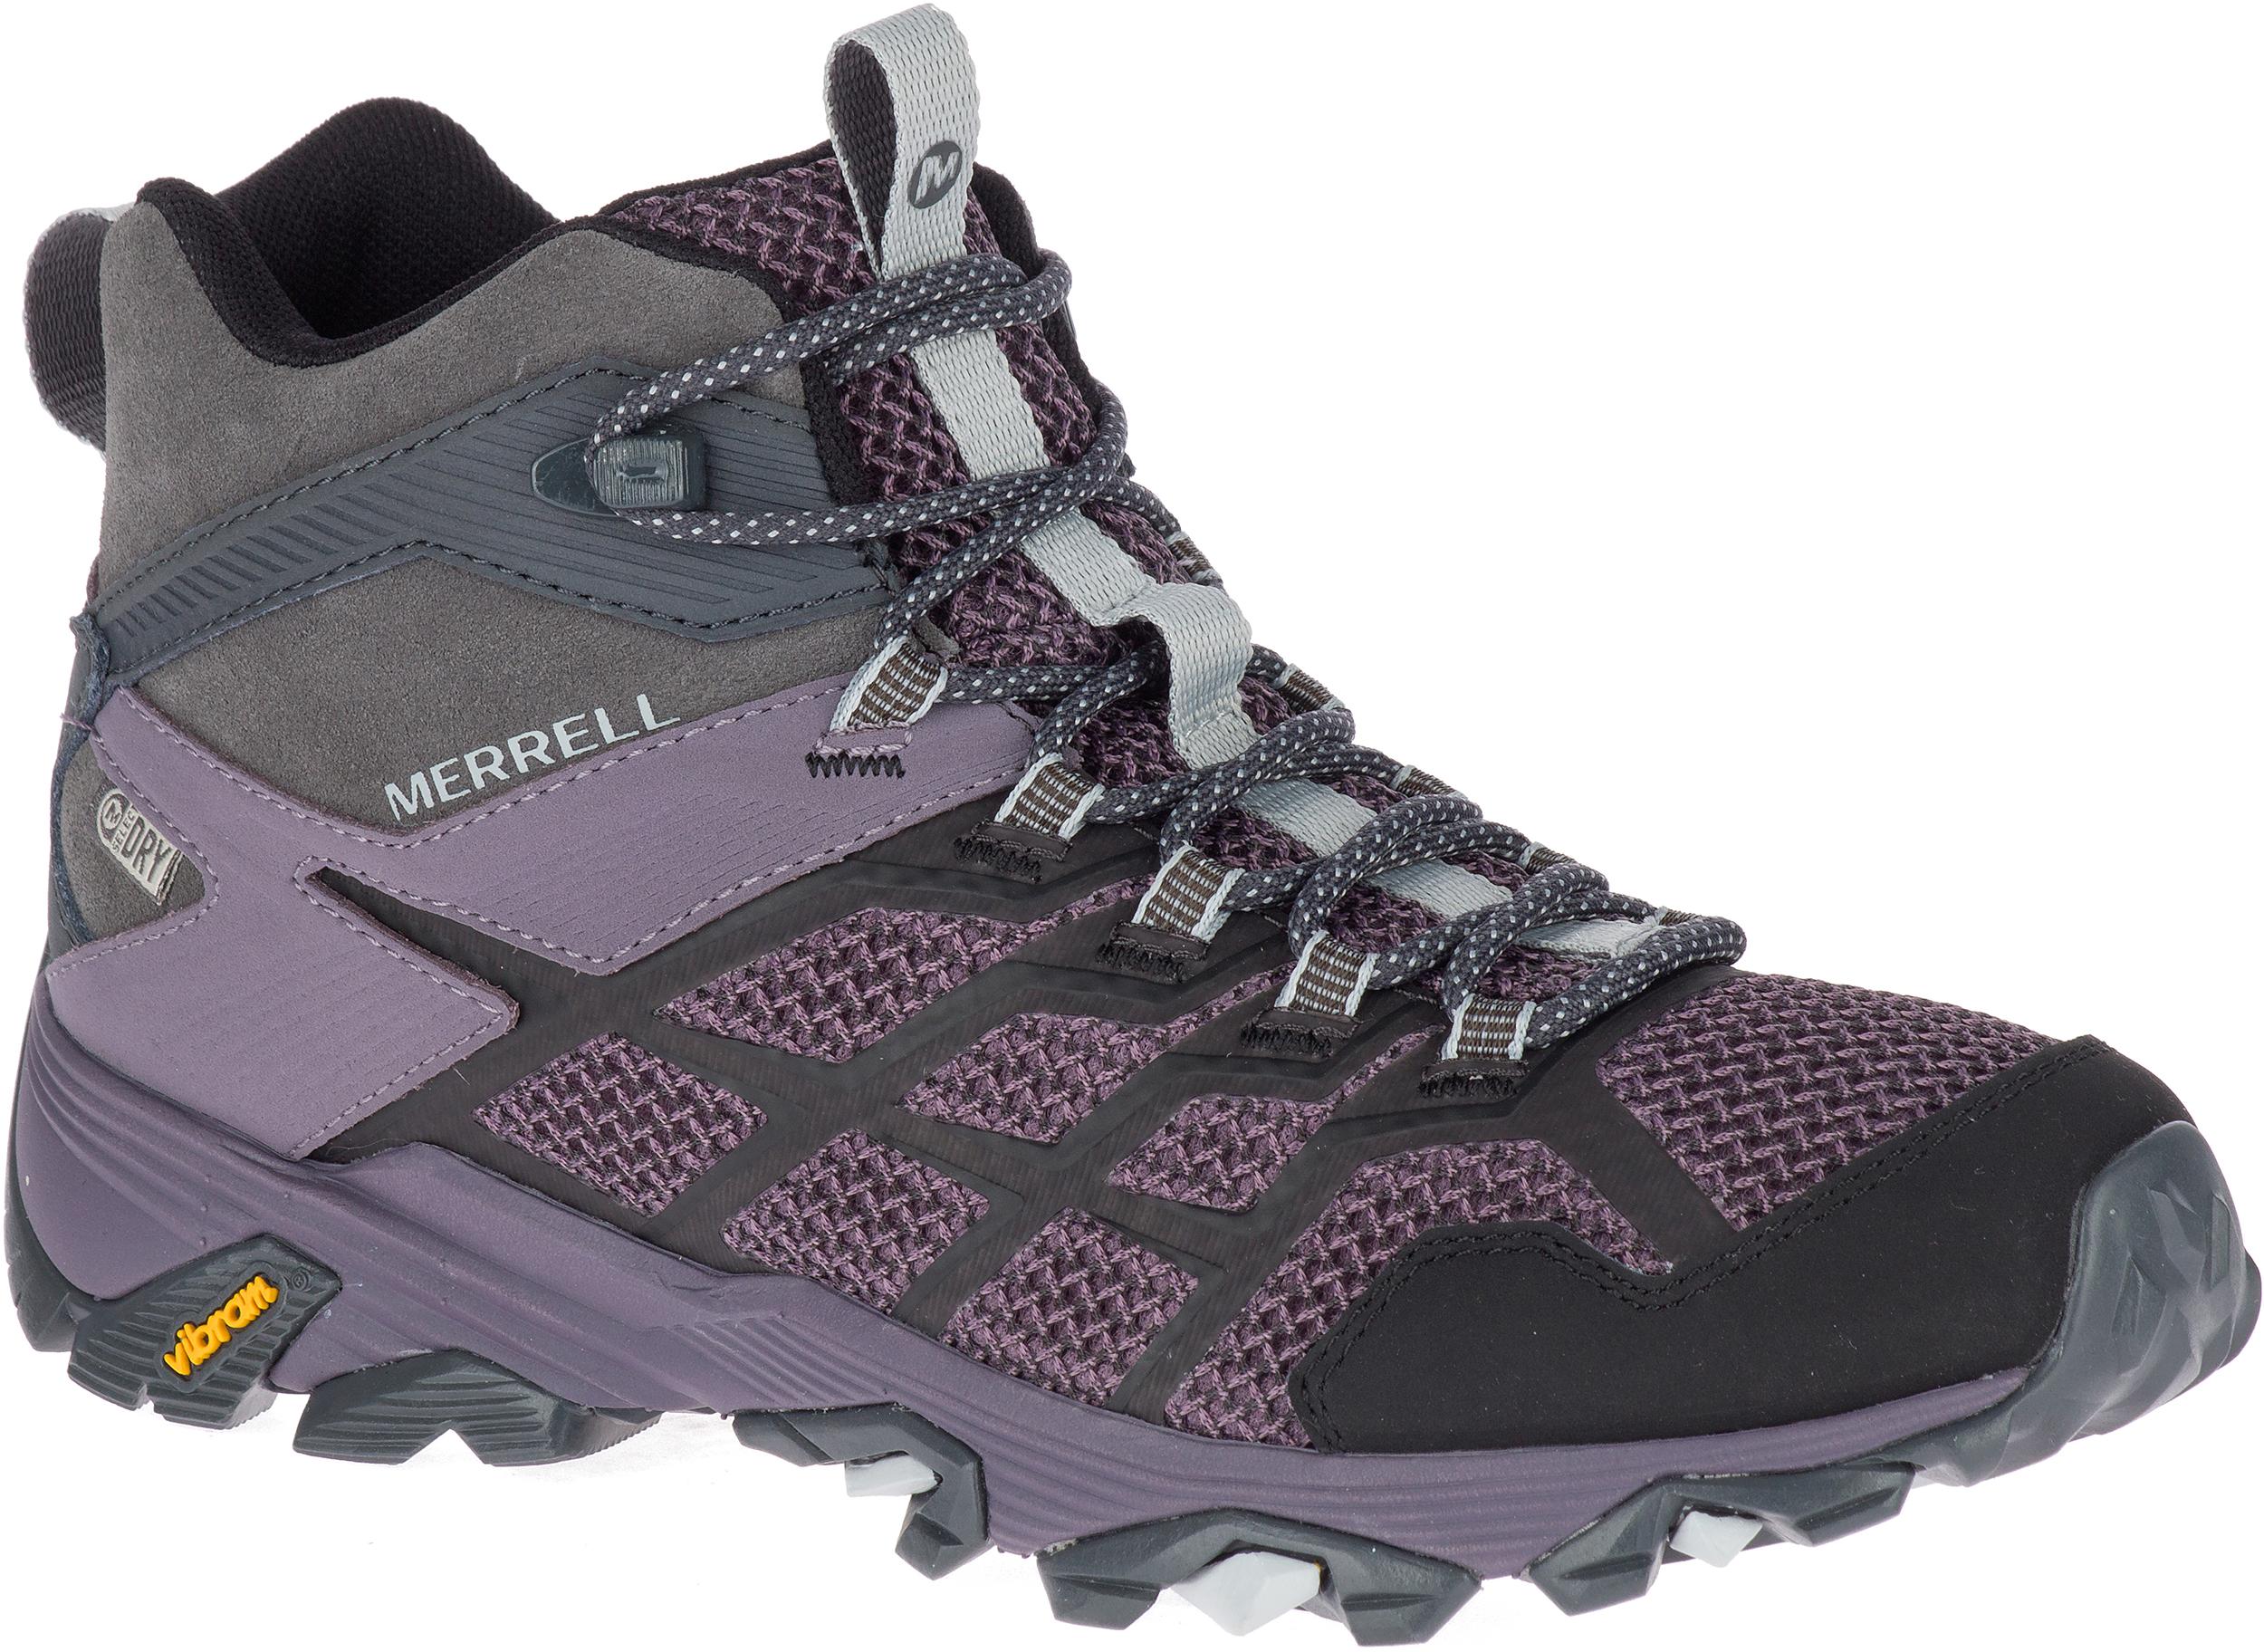 aef9958fbc1 Merrell Moab FST II Mid Waterproof Light Trail Shoes - Women's | MEC